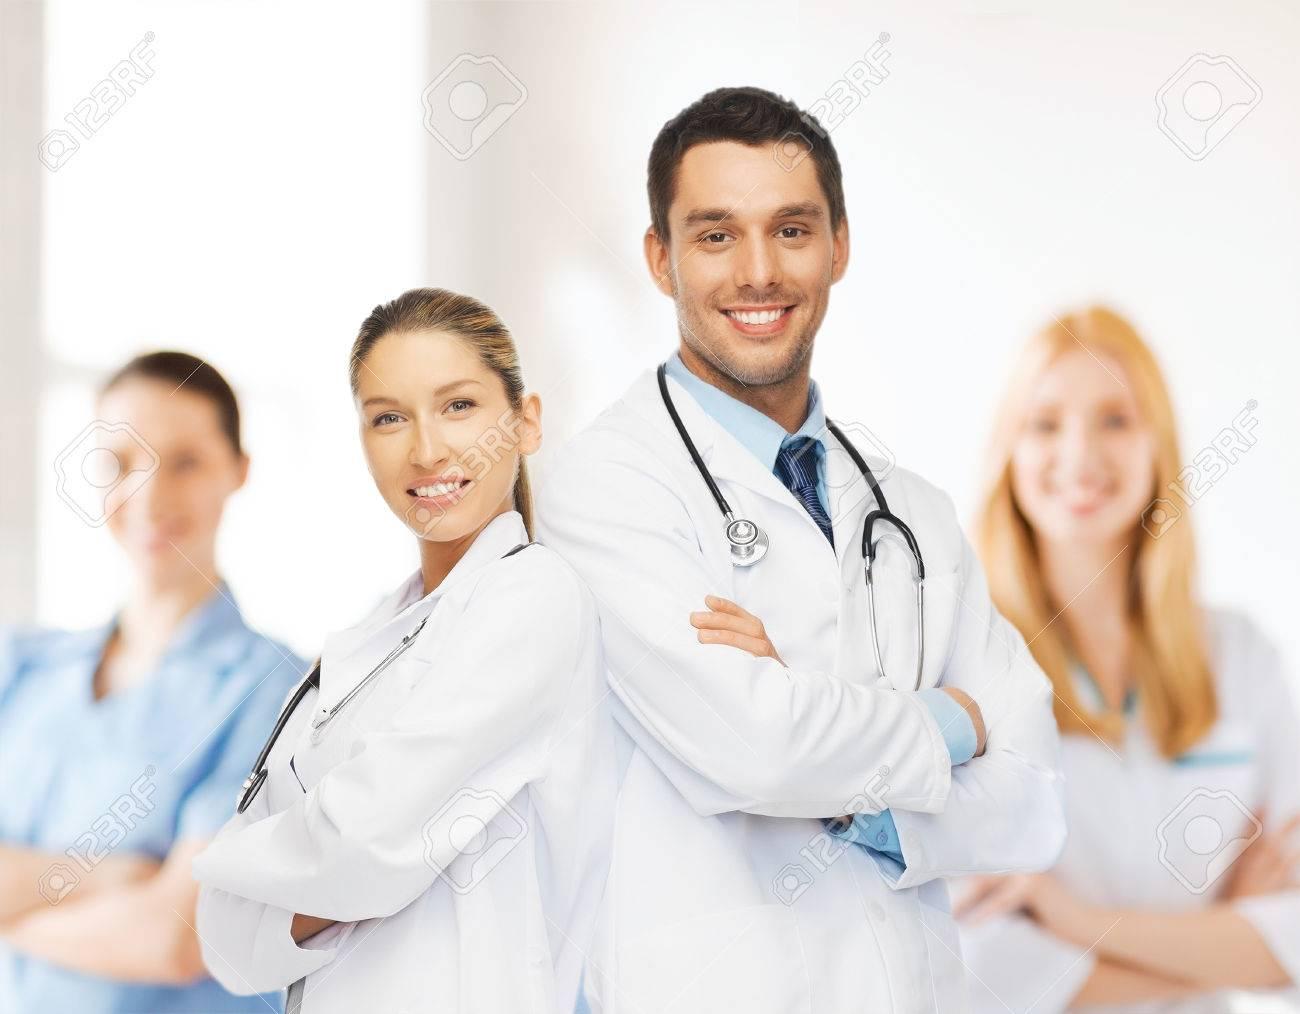 e8599d83e Foto de archivo - Salud, hospital y el concepto médico - equipo joven o  grupo de médicos